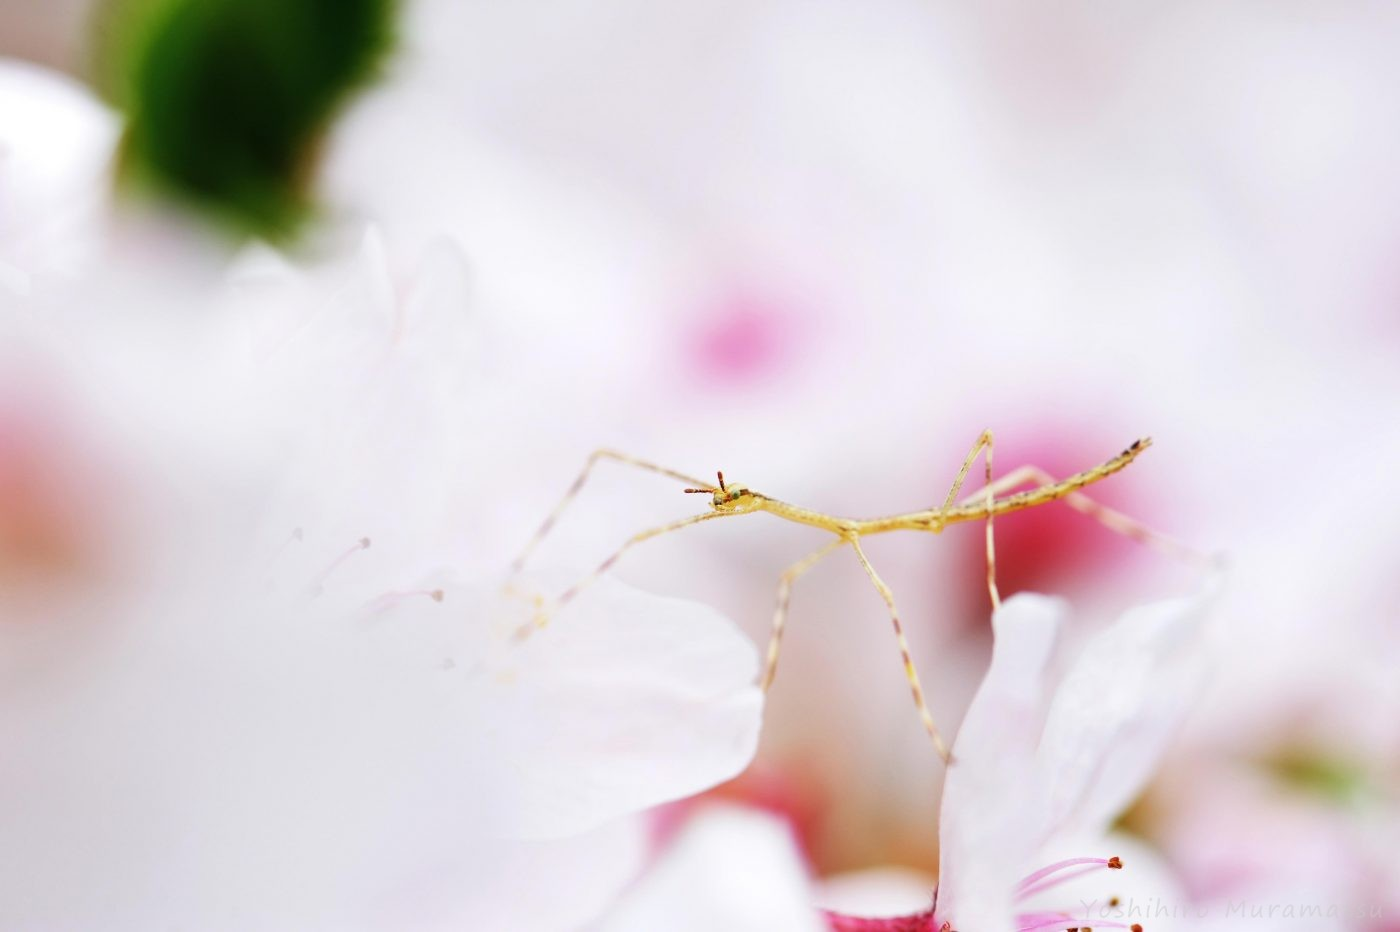 ナナフシモドキ幼虫